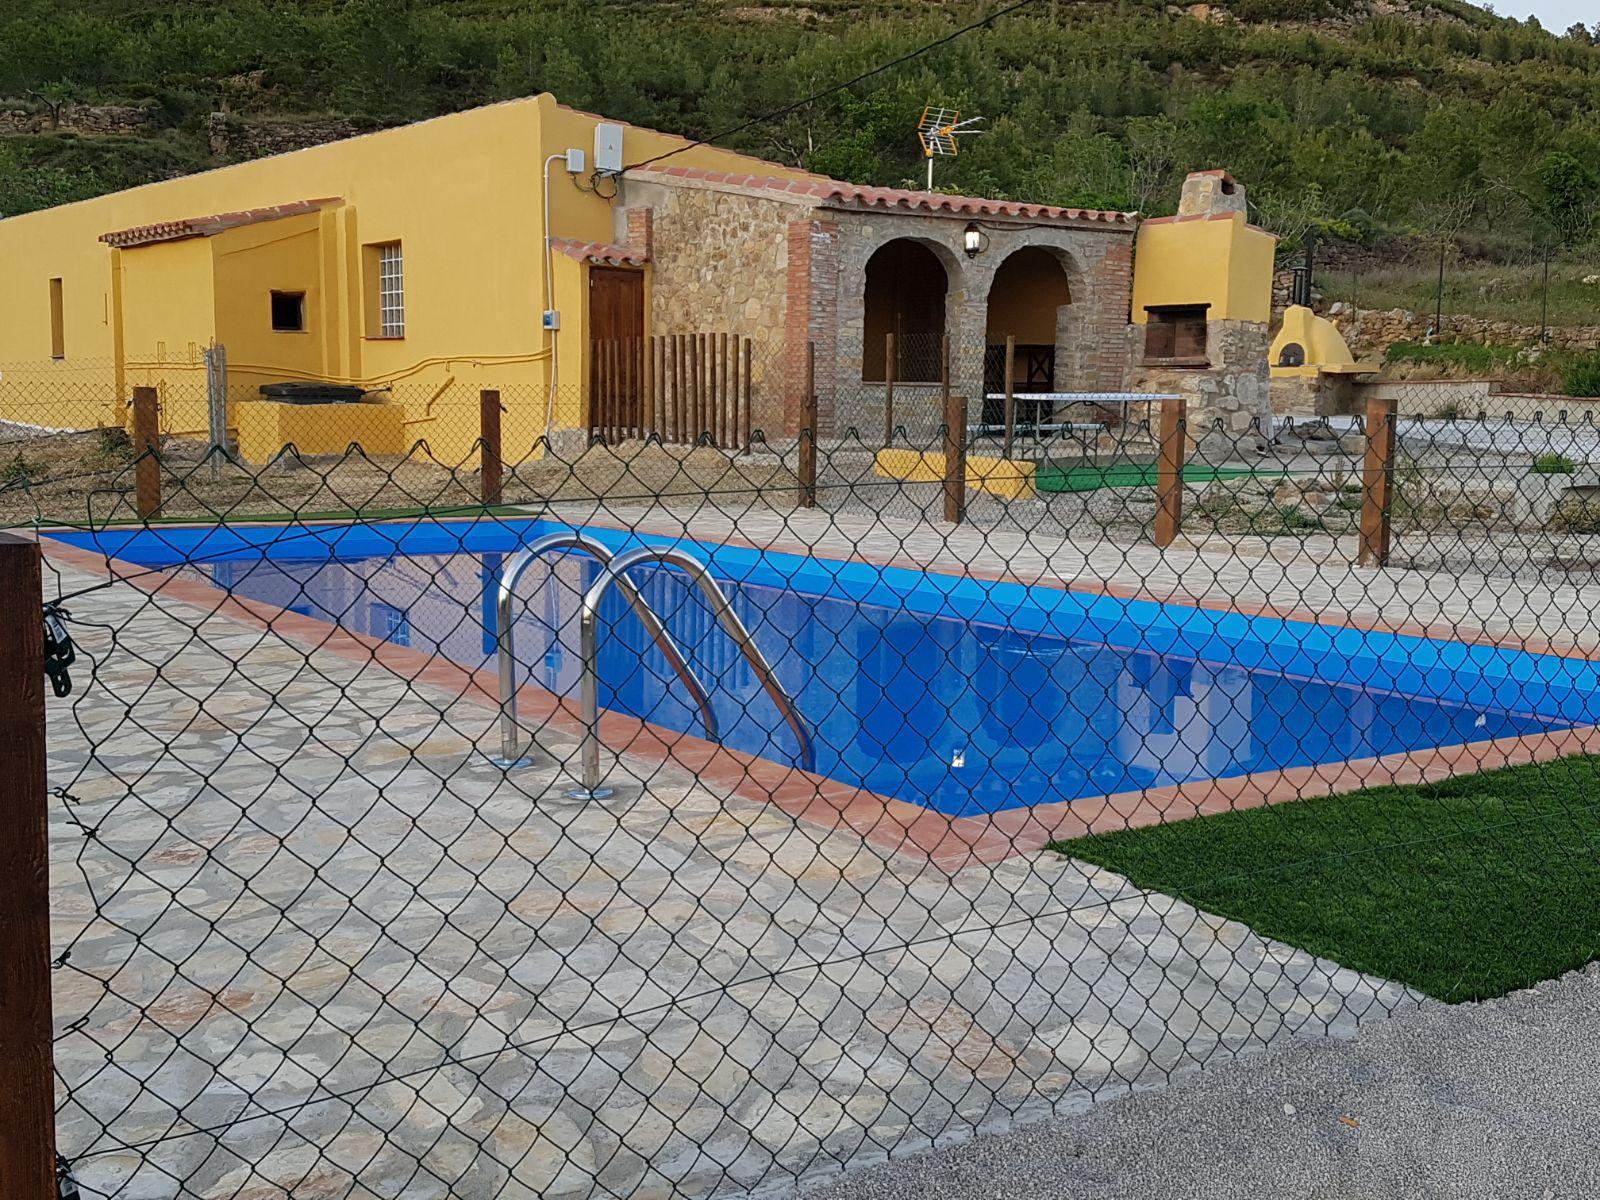 Casas rurales castell n con jacuzzi - Casa rural castellon jacuzzi ...